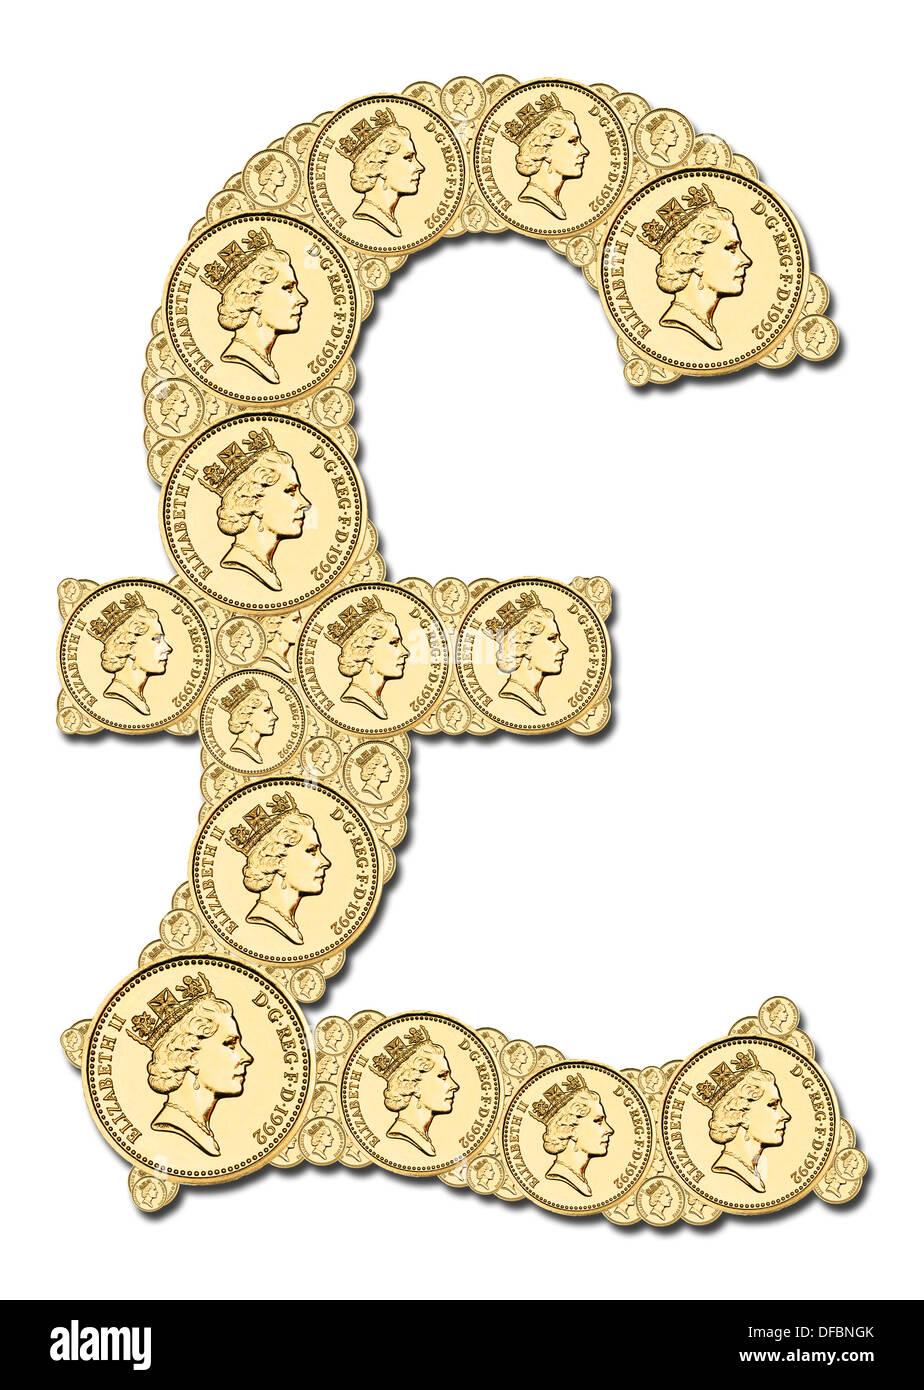 Britische Pfund Zeichen Aus Pfund Münzen Hergestellt Stockfoto Bild